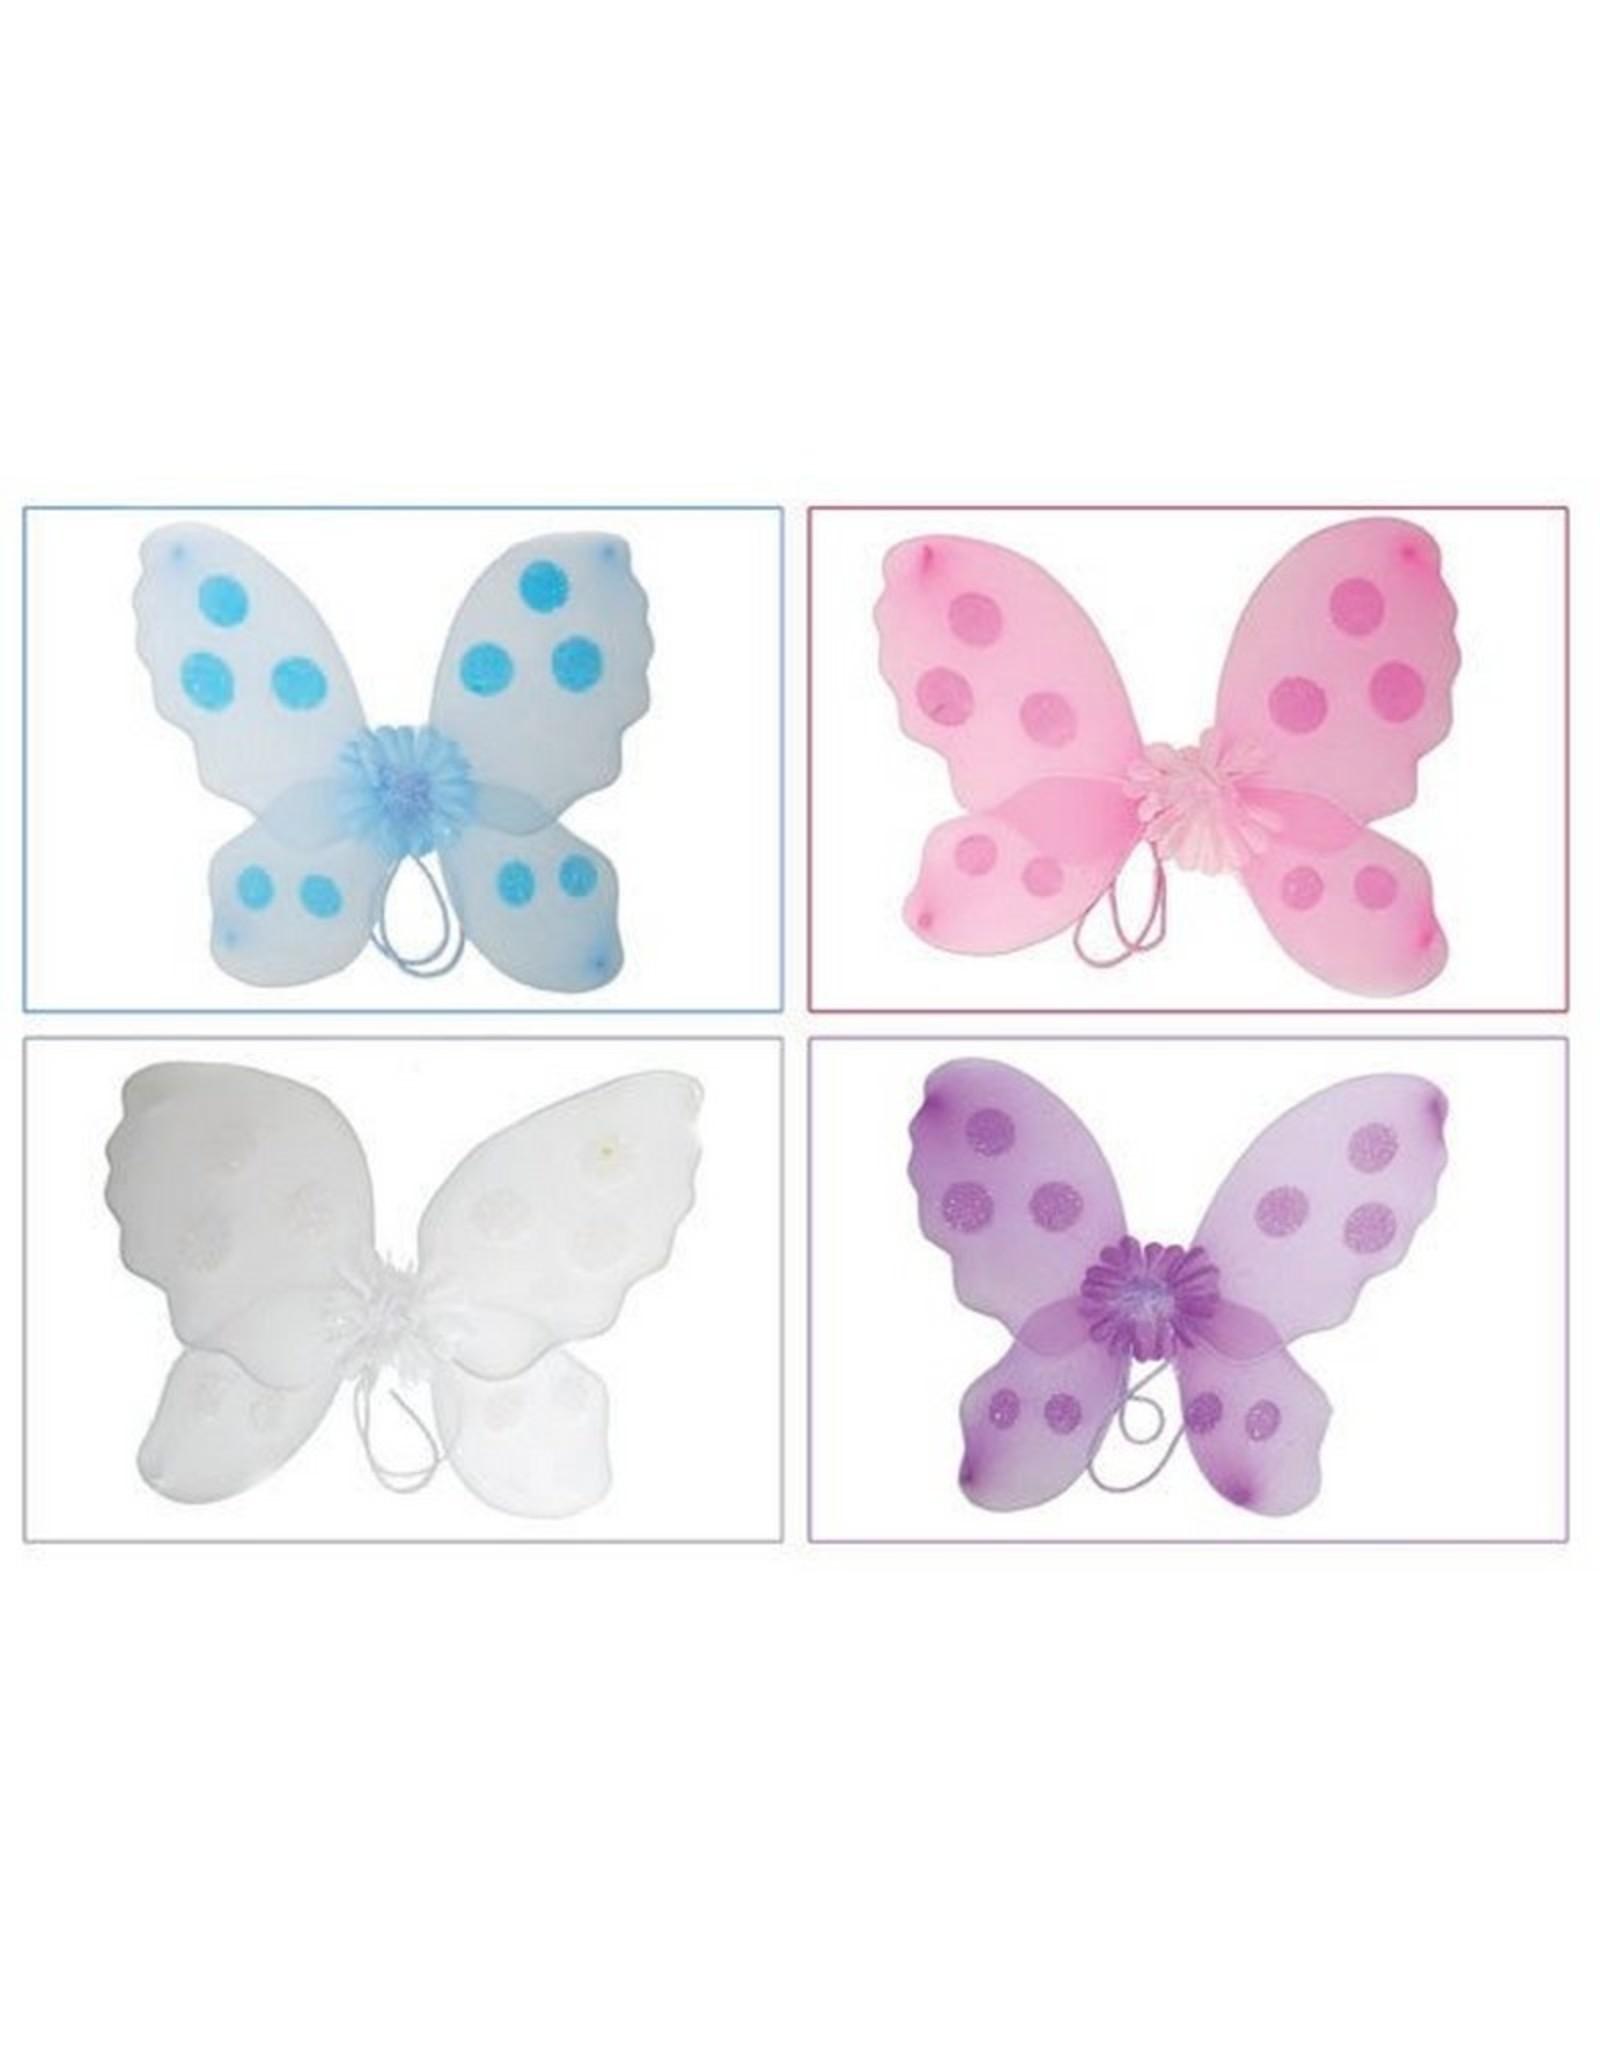 ESPA vlindervleugels